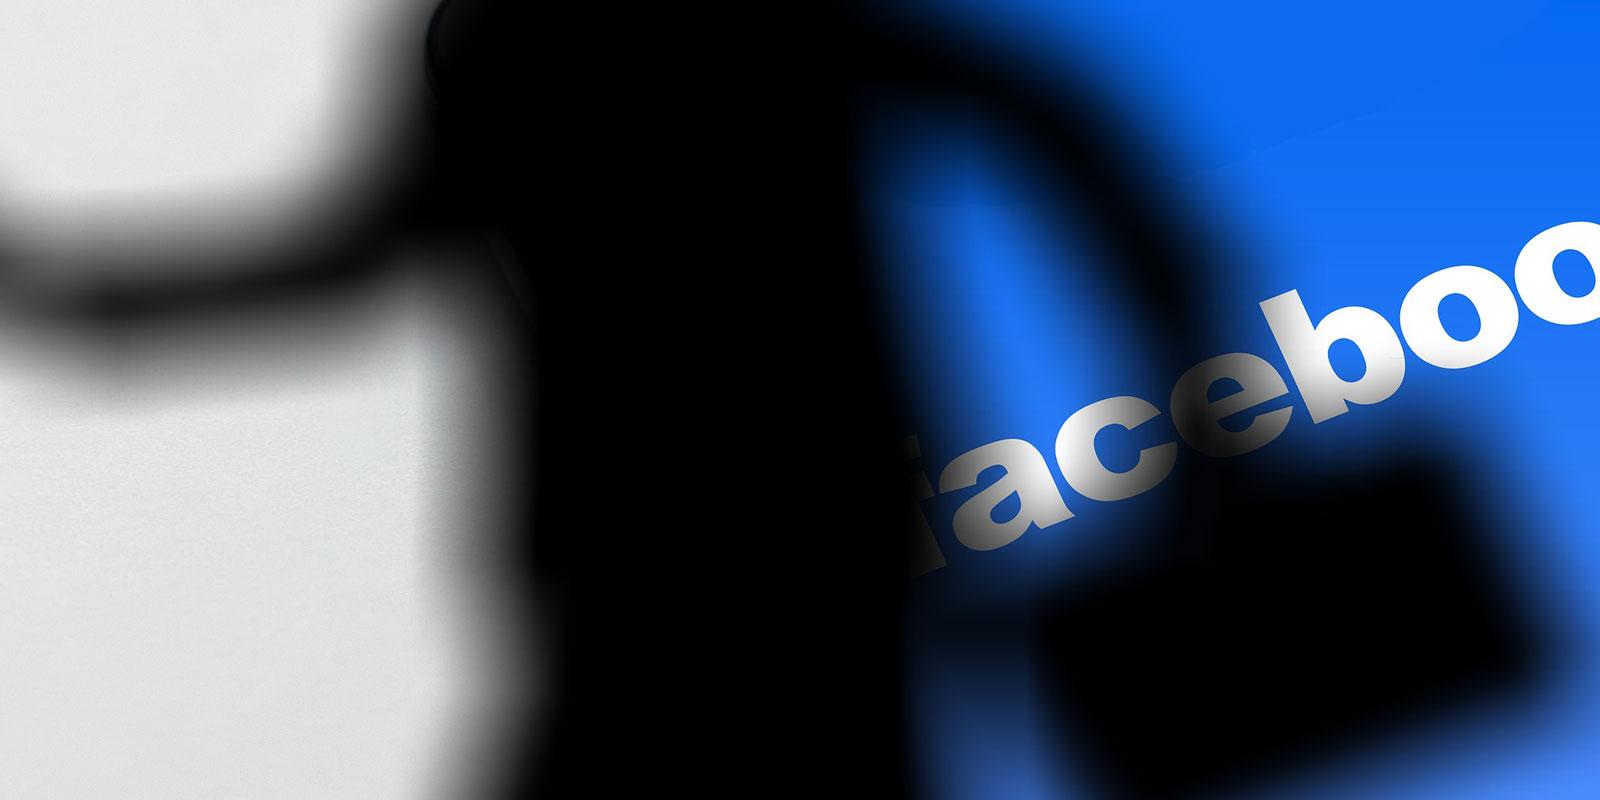 Jak může docházet k úniku dat uživatele na Facebooku?